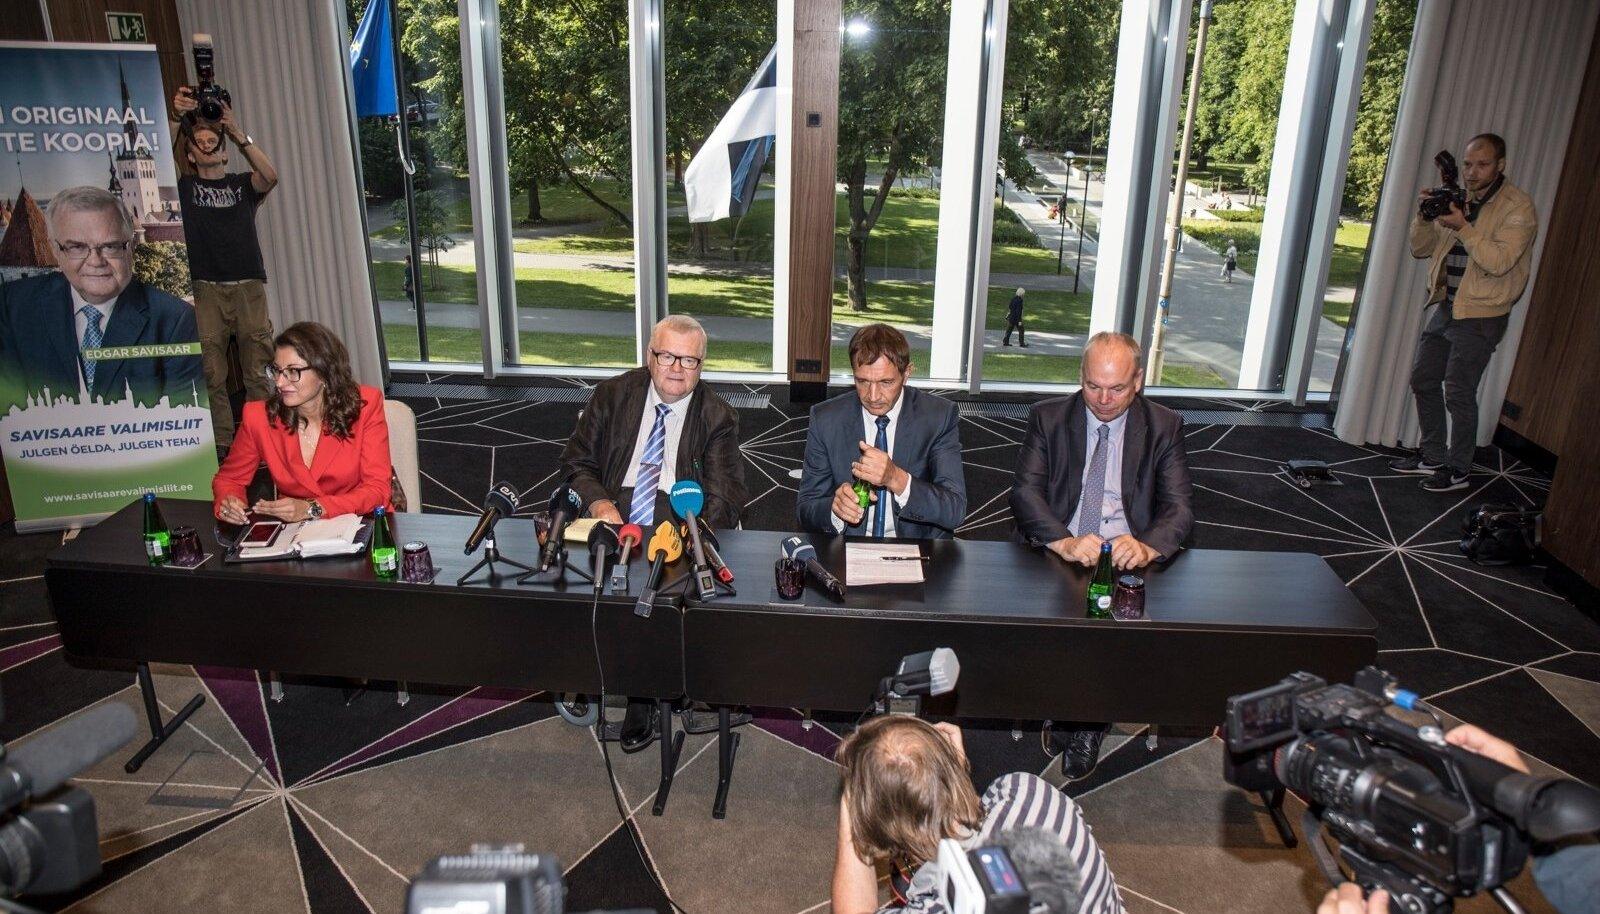 Savisaare Valimisliidu ja Tegusa Tallinna pressikonverents